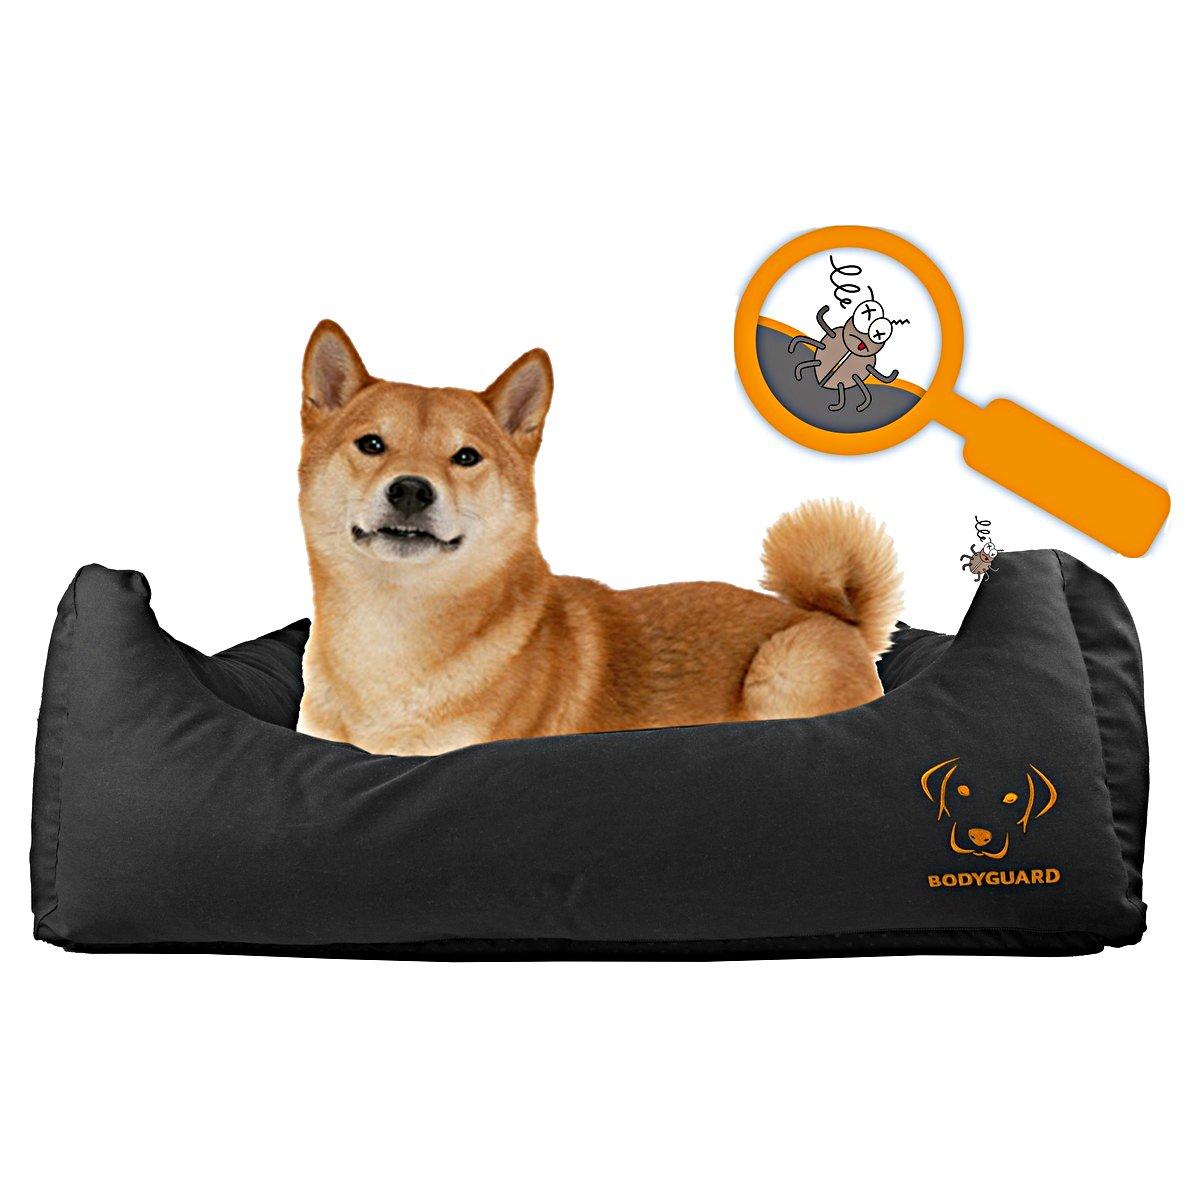 Afbeelding van Bodyguard Sofa Bed Zwart M 80x65cm